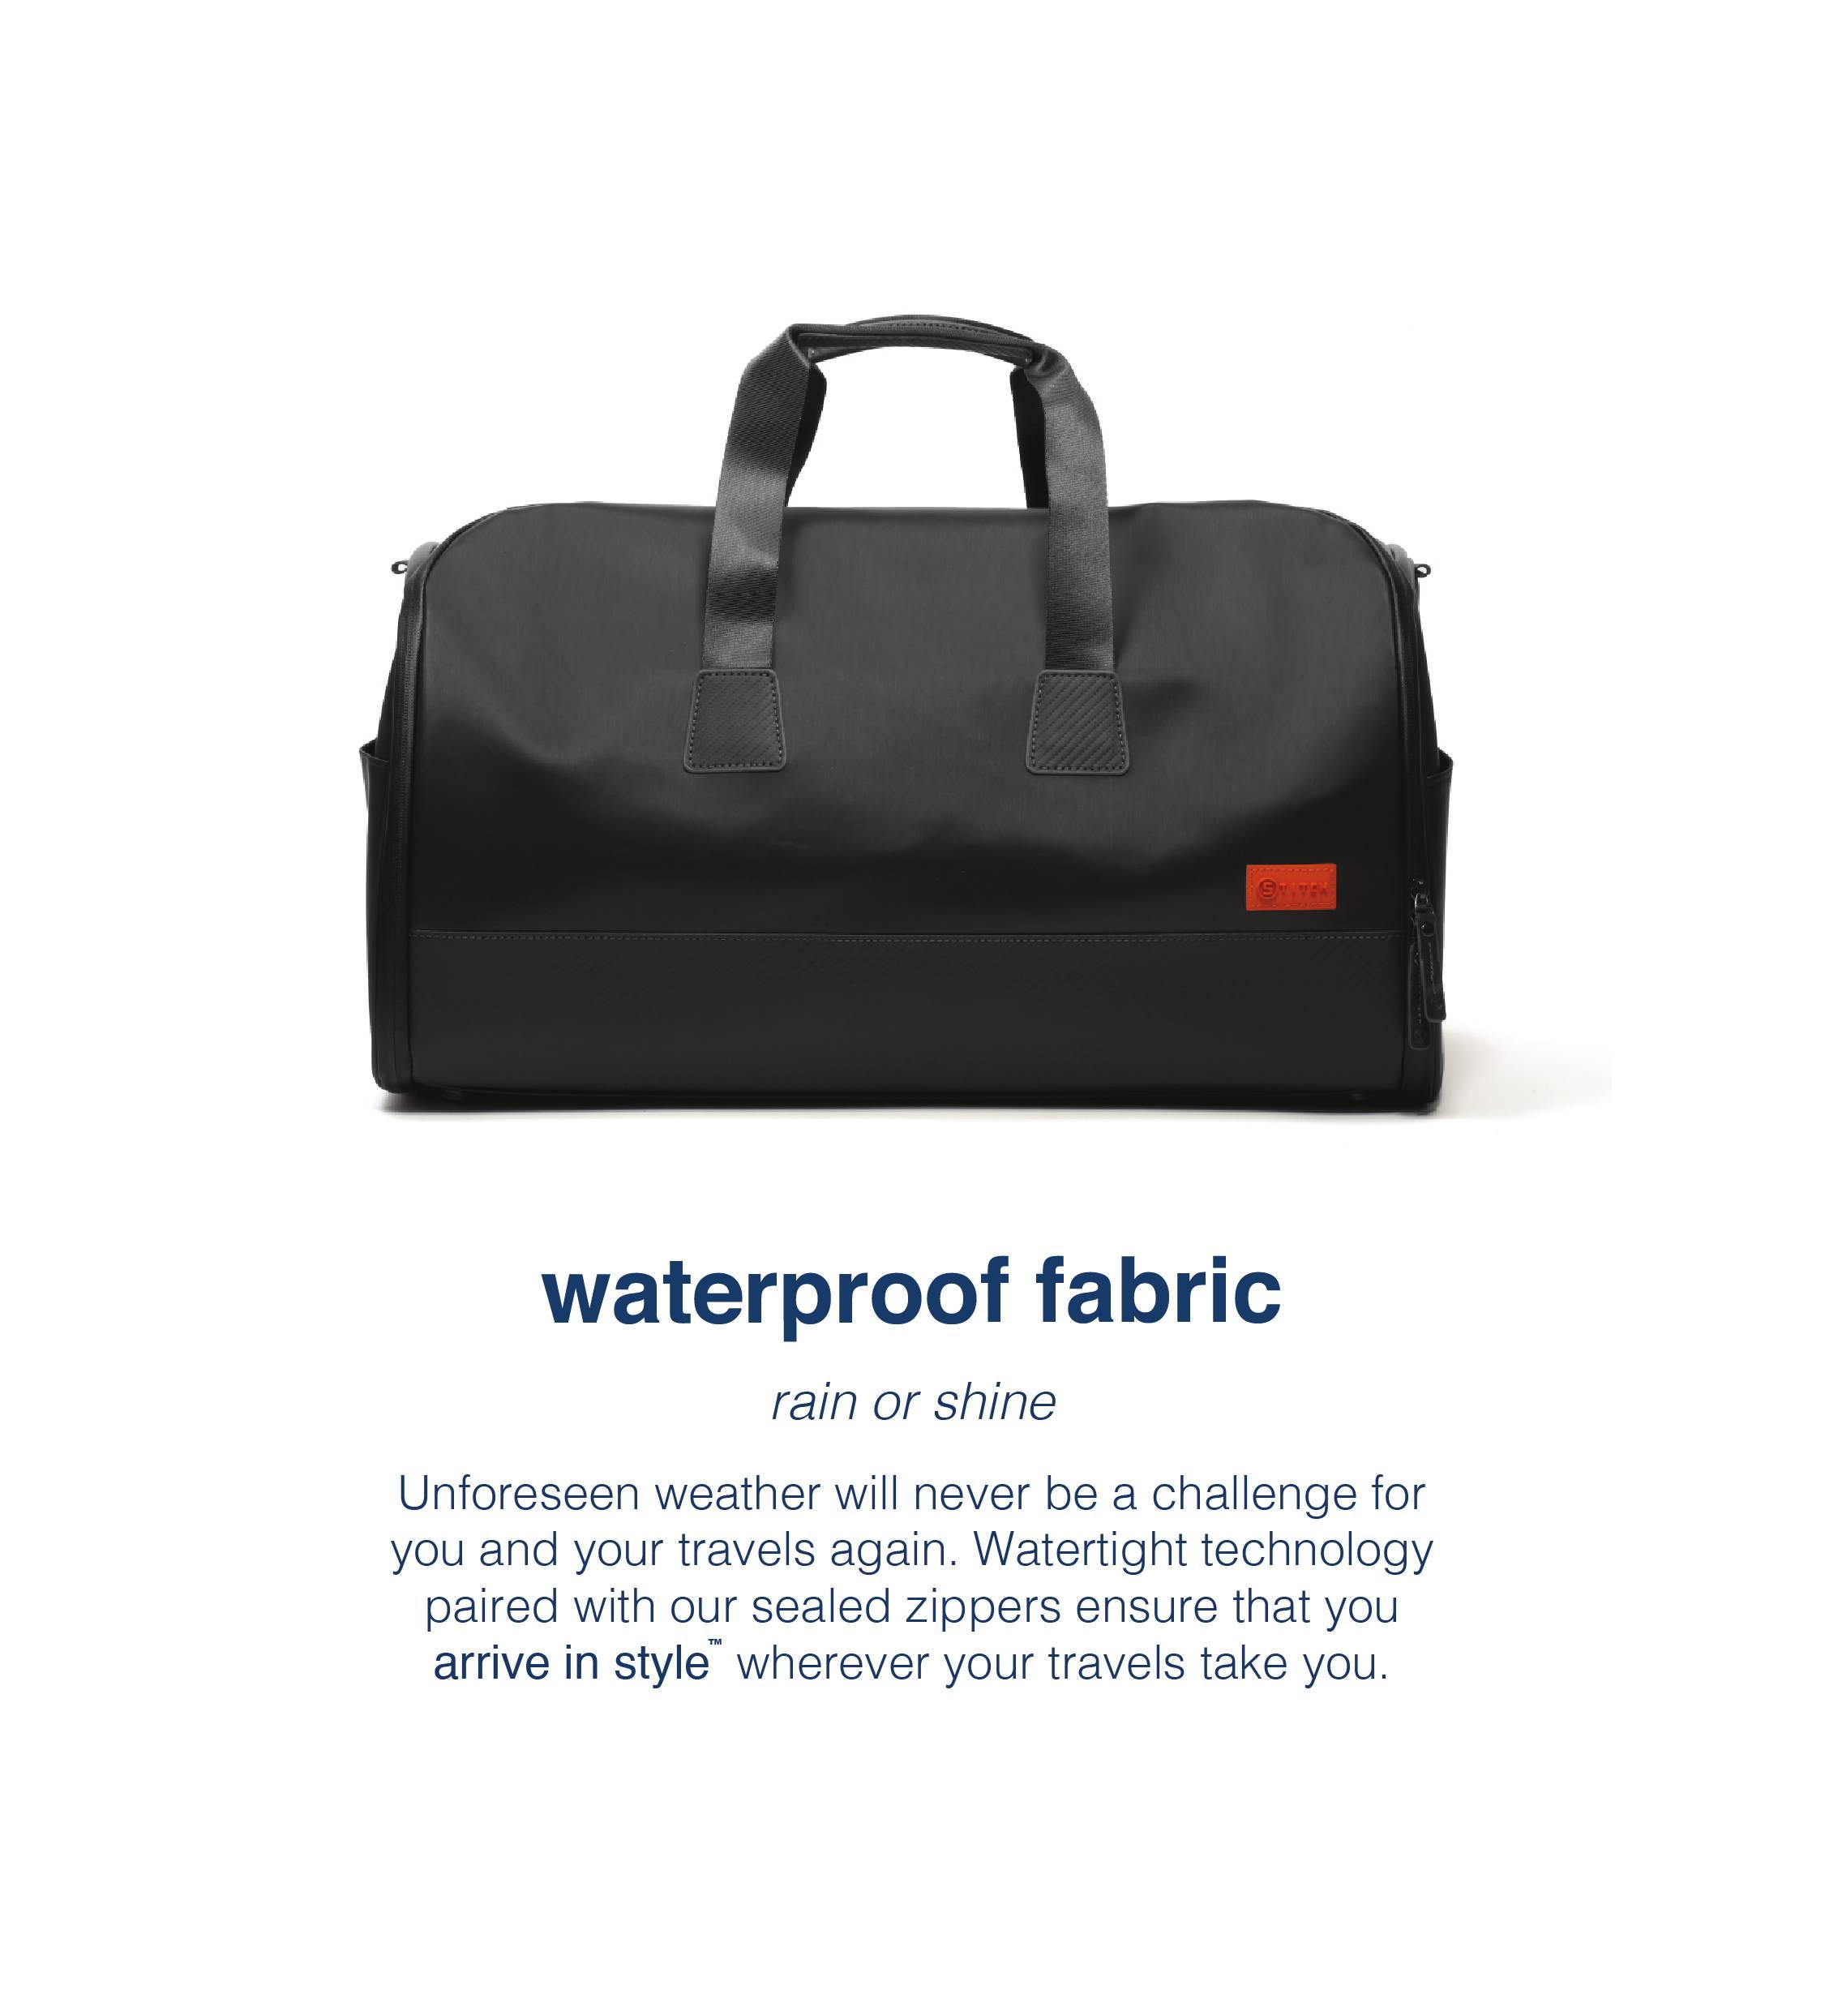 Ugb The Ultimate Garment Bag